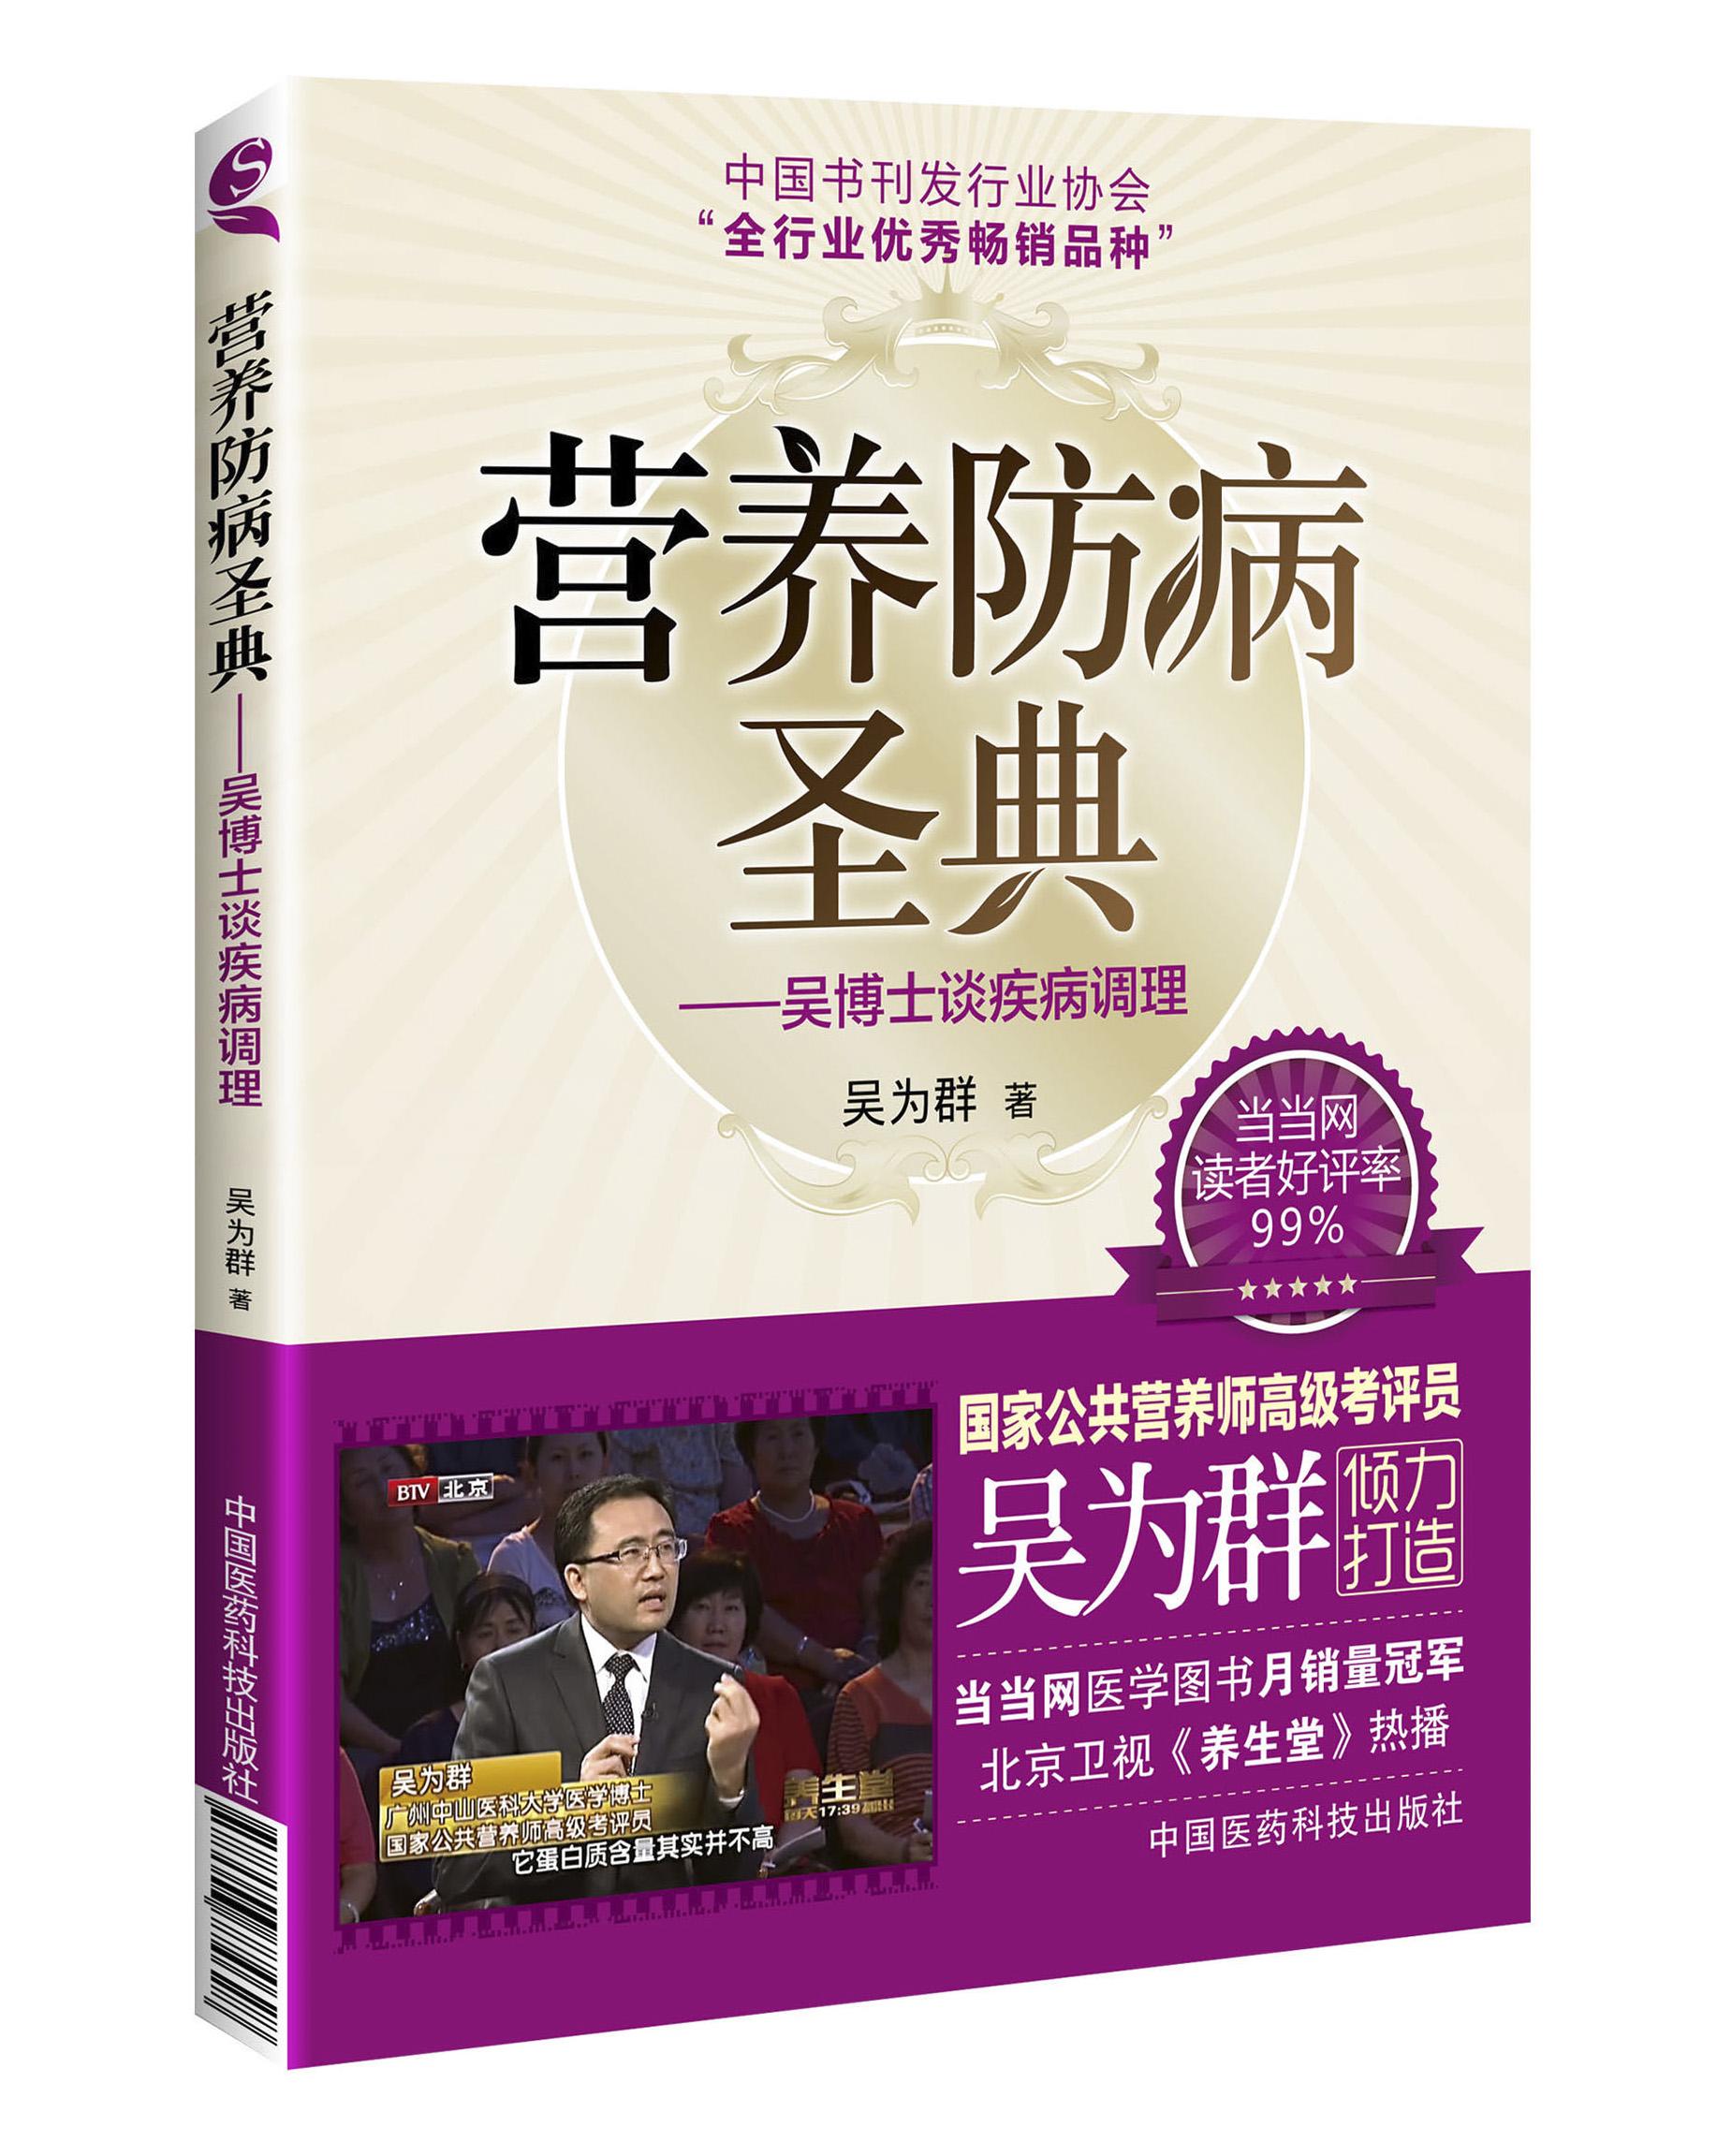 《营养防病圣典:吴博士谈疾病调理 》